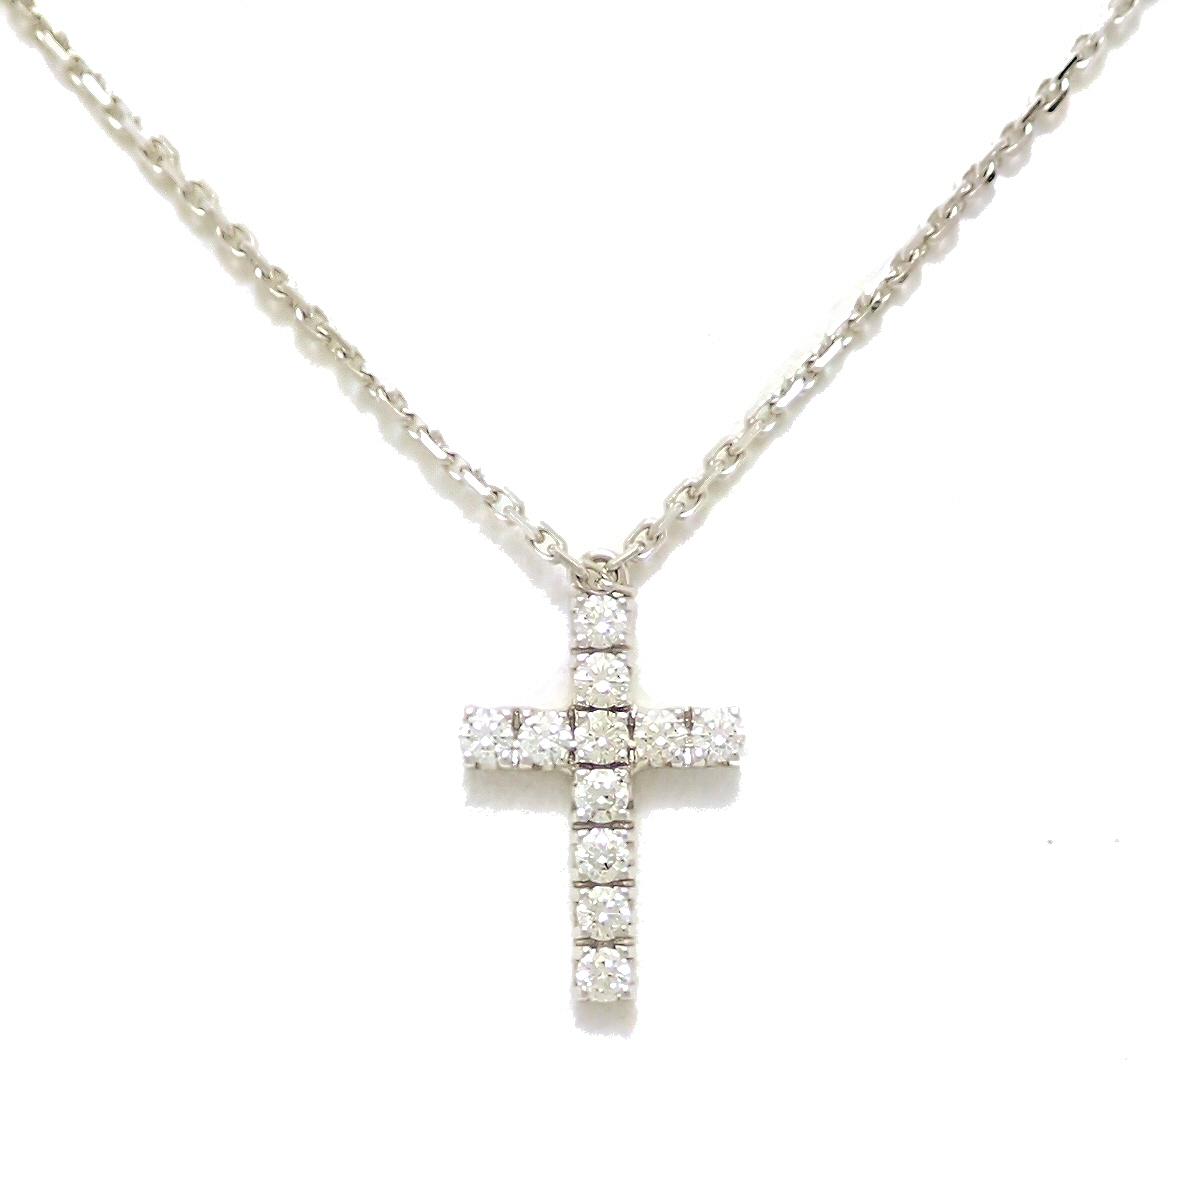 【ジュエリー】【新品仕上げ済】Cartier カルティエ シンボルクロス ネックレス K18WG ホワイトゴールド ダイヤモンド 【中古】